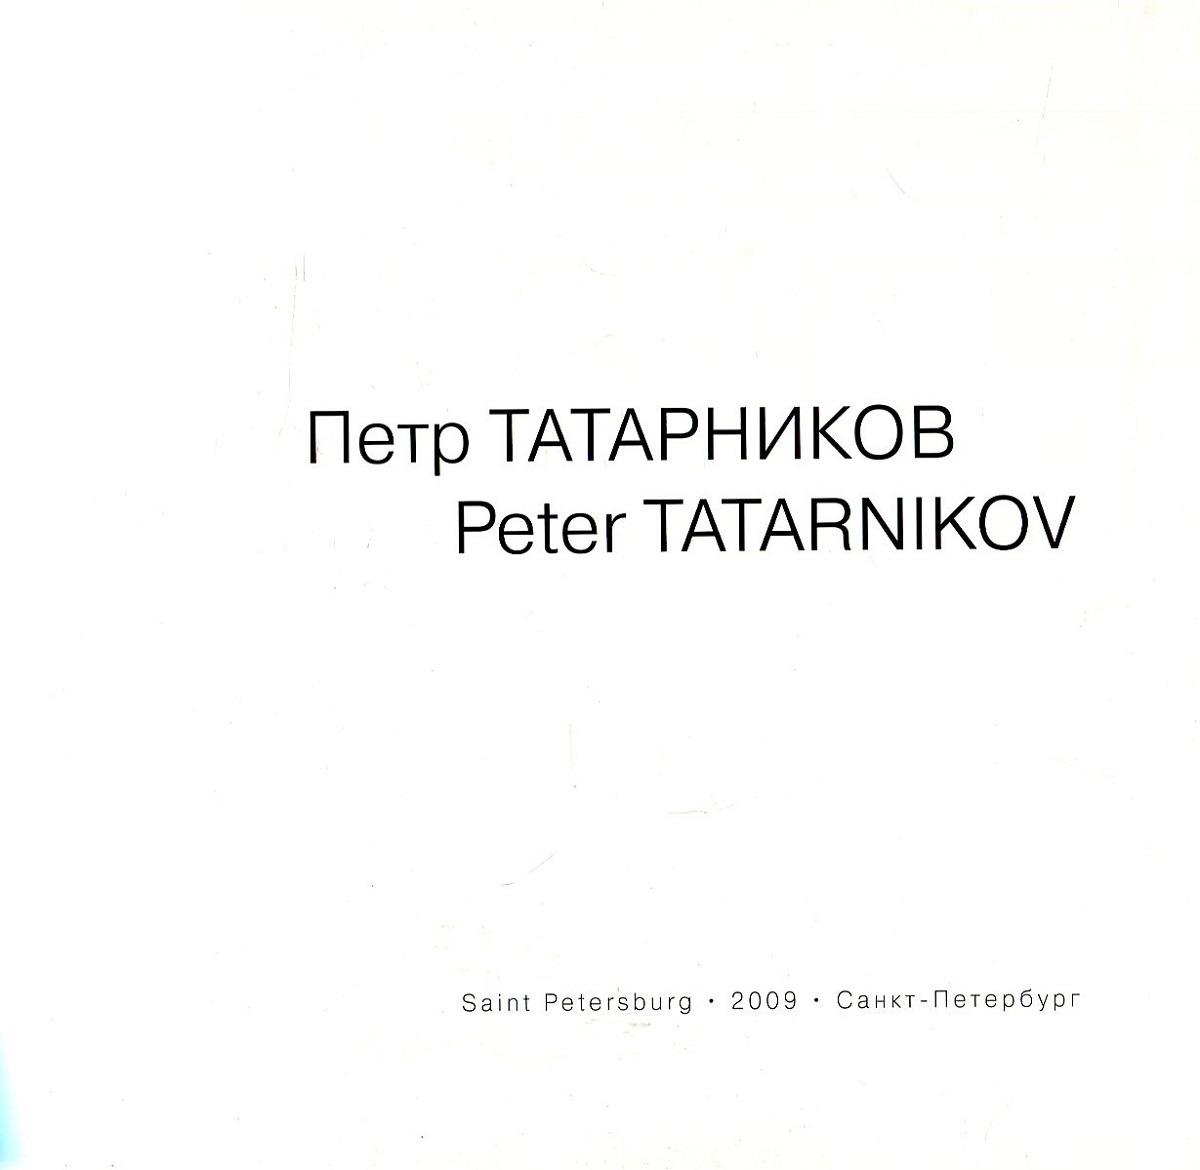 Петр ТАТАРНИКОВ